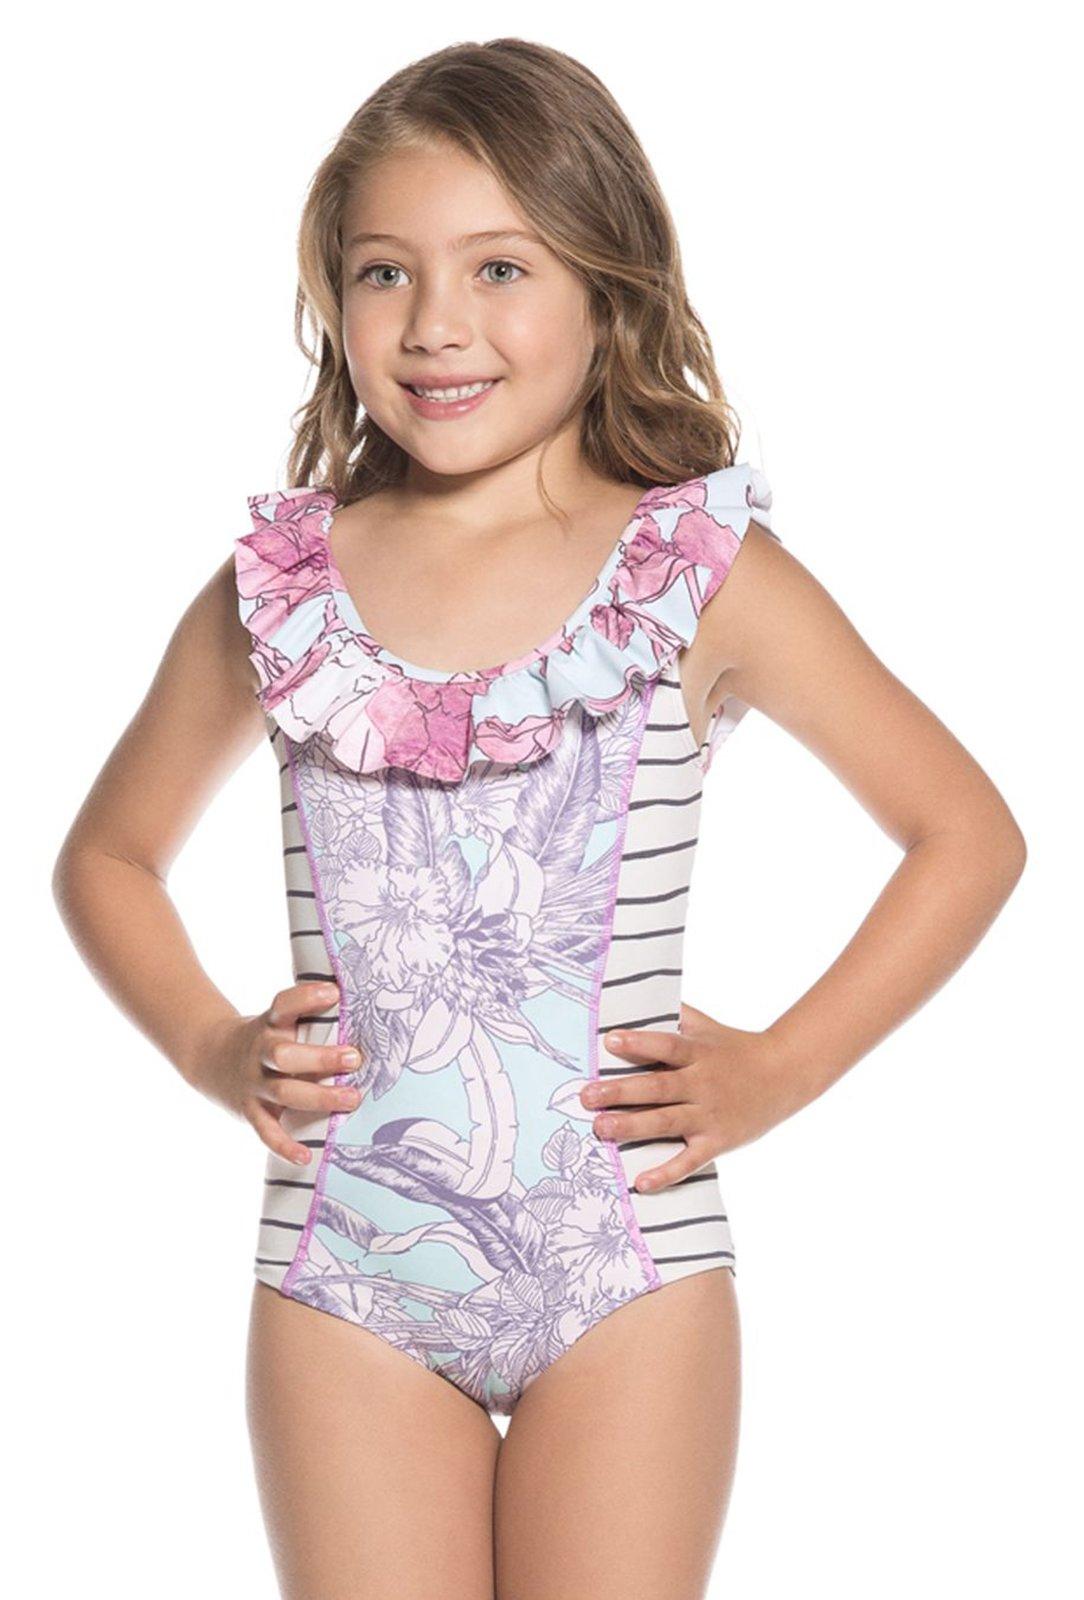 Young bikini model